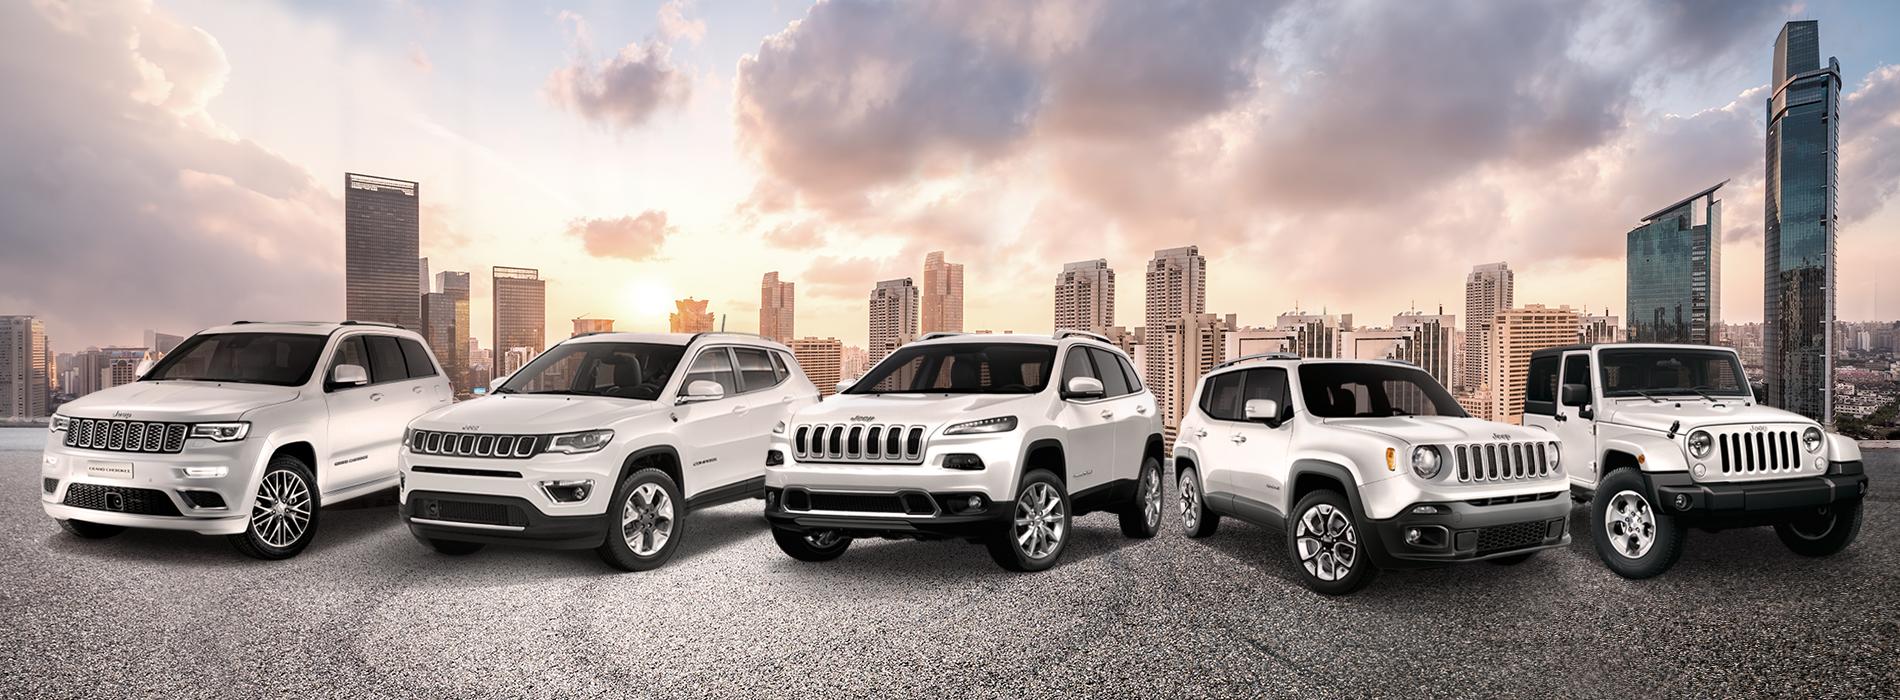 fca-jeep-modelle-cherokee-grand-compass-wrangler-renegade